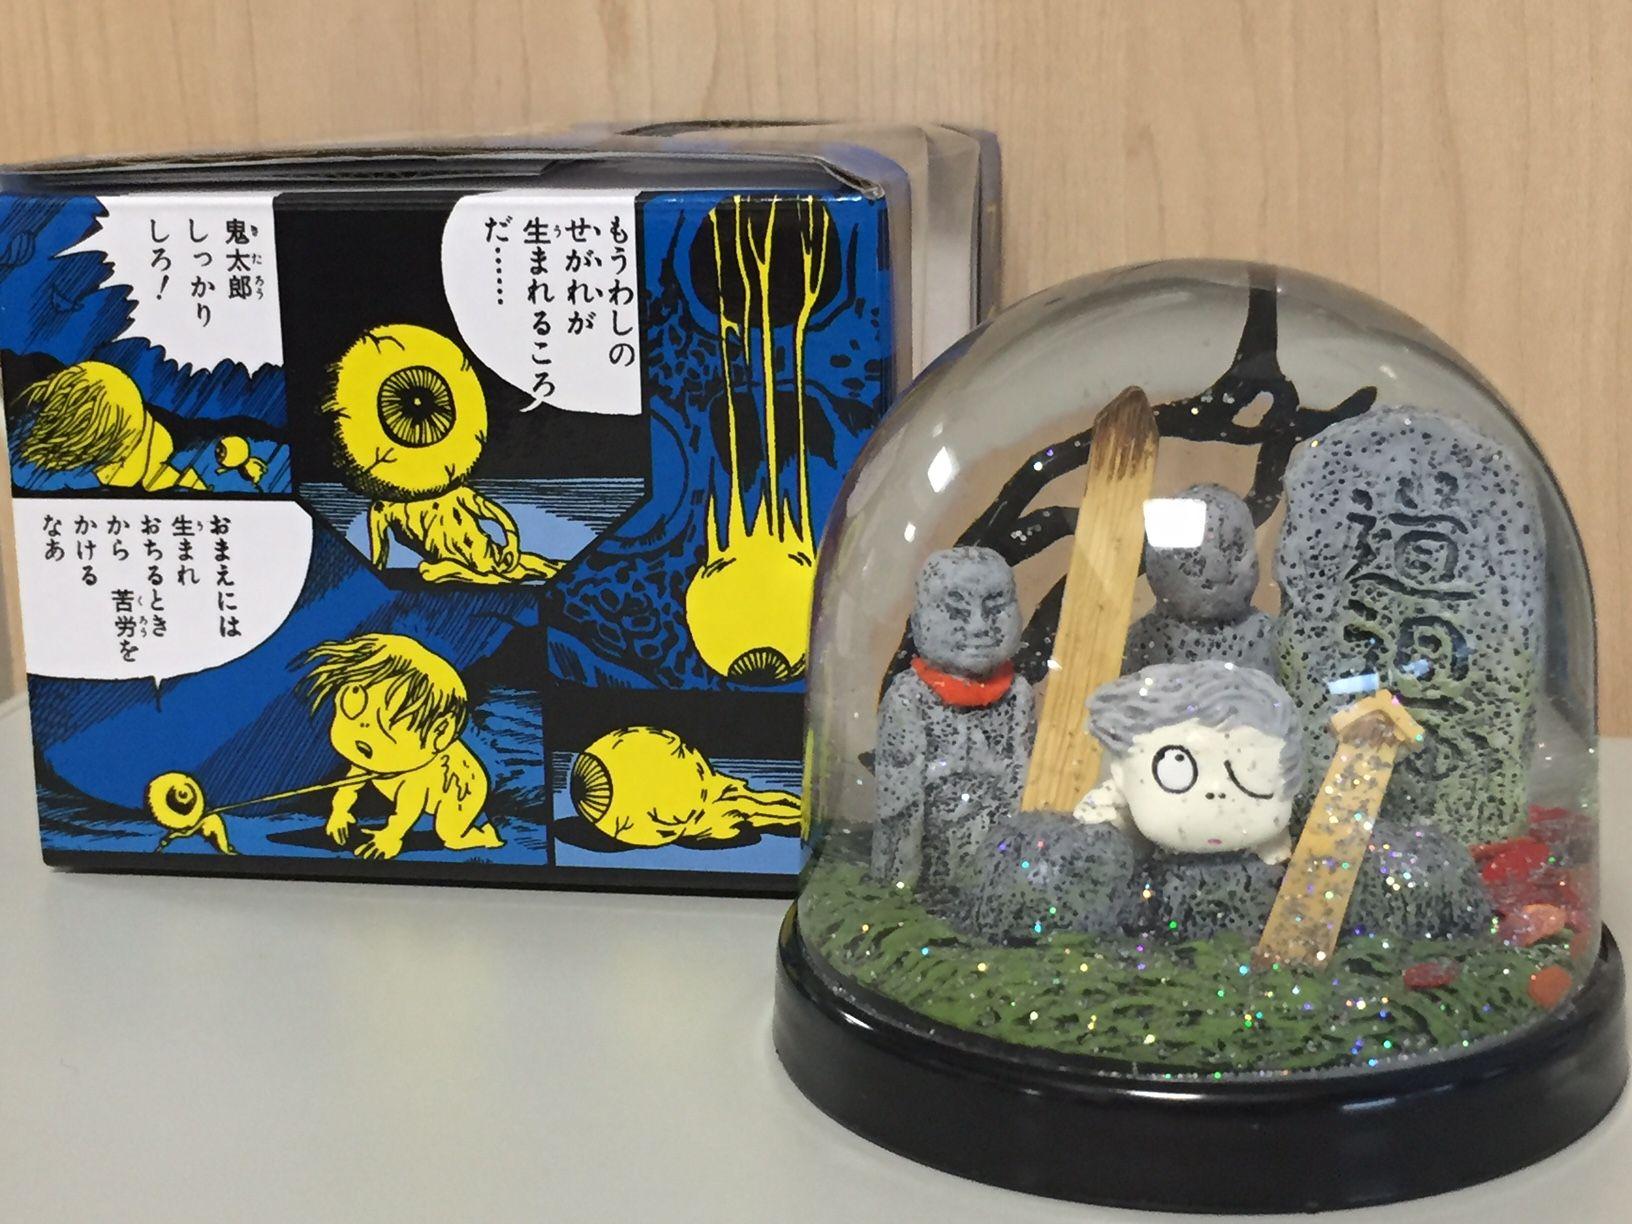 墓場鬼太郎スノードーム|水木プロダクション公式サイトげげげ通信